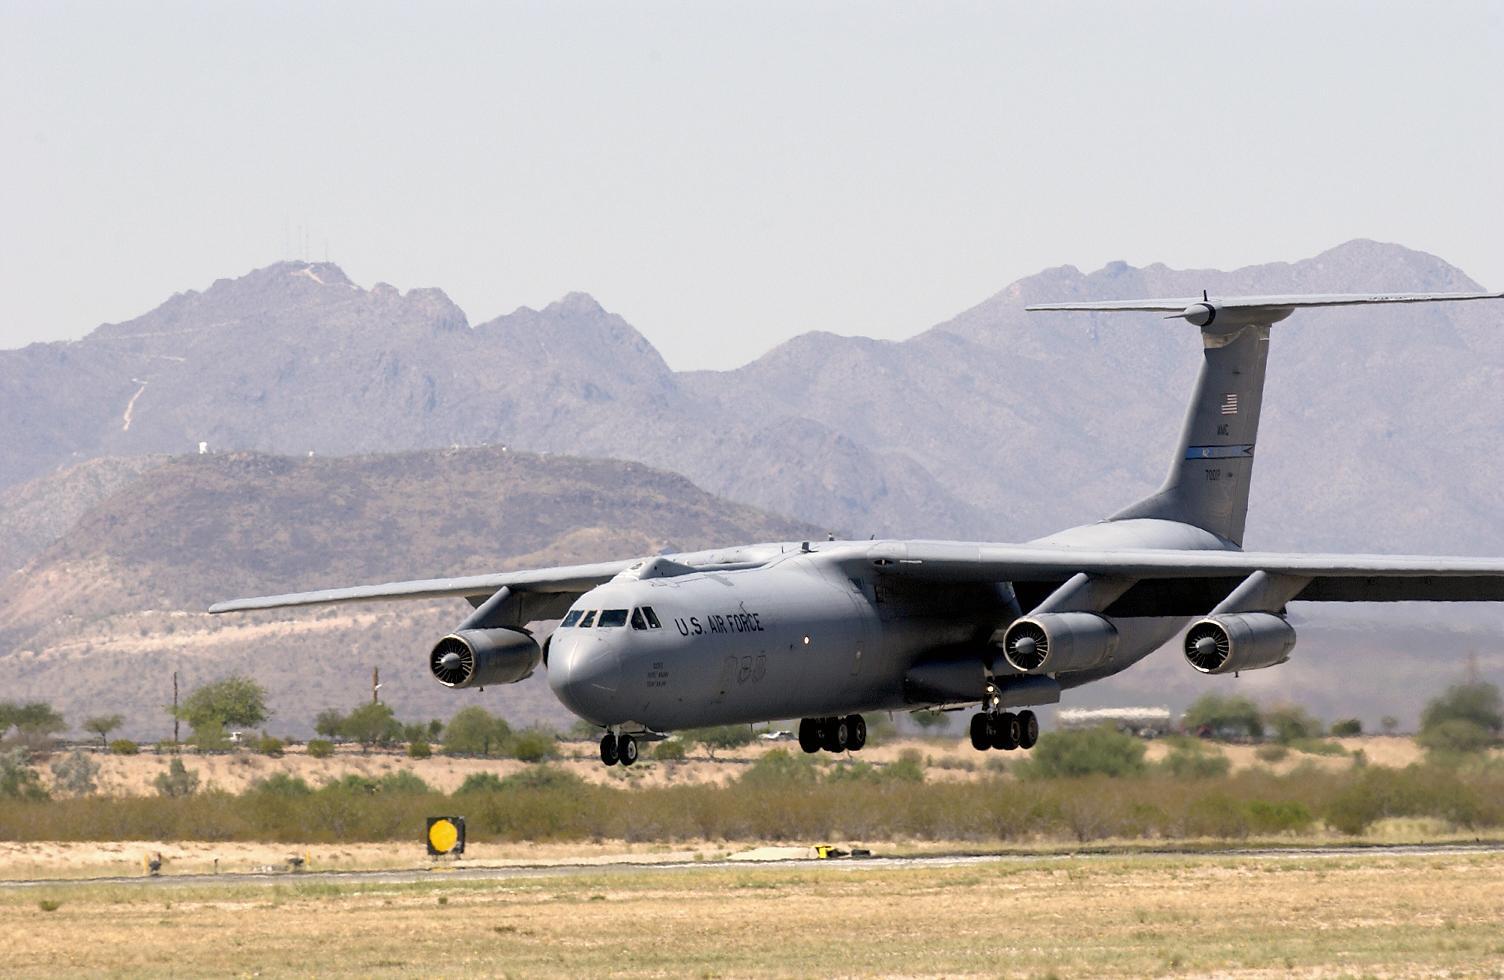 C-141 Starlifter - C-141 Starlifter landing.